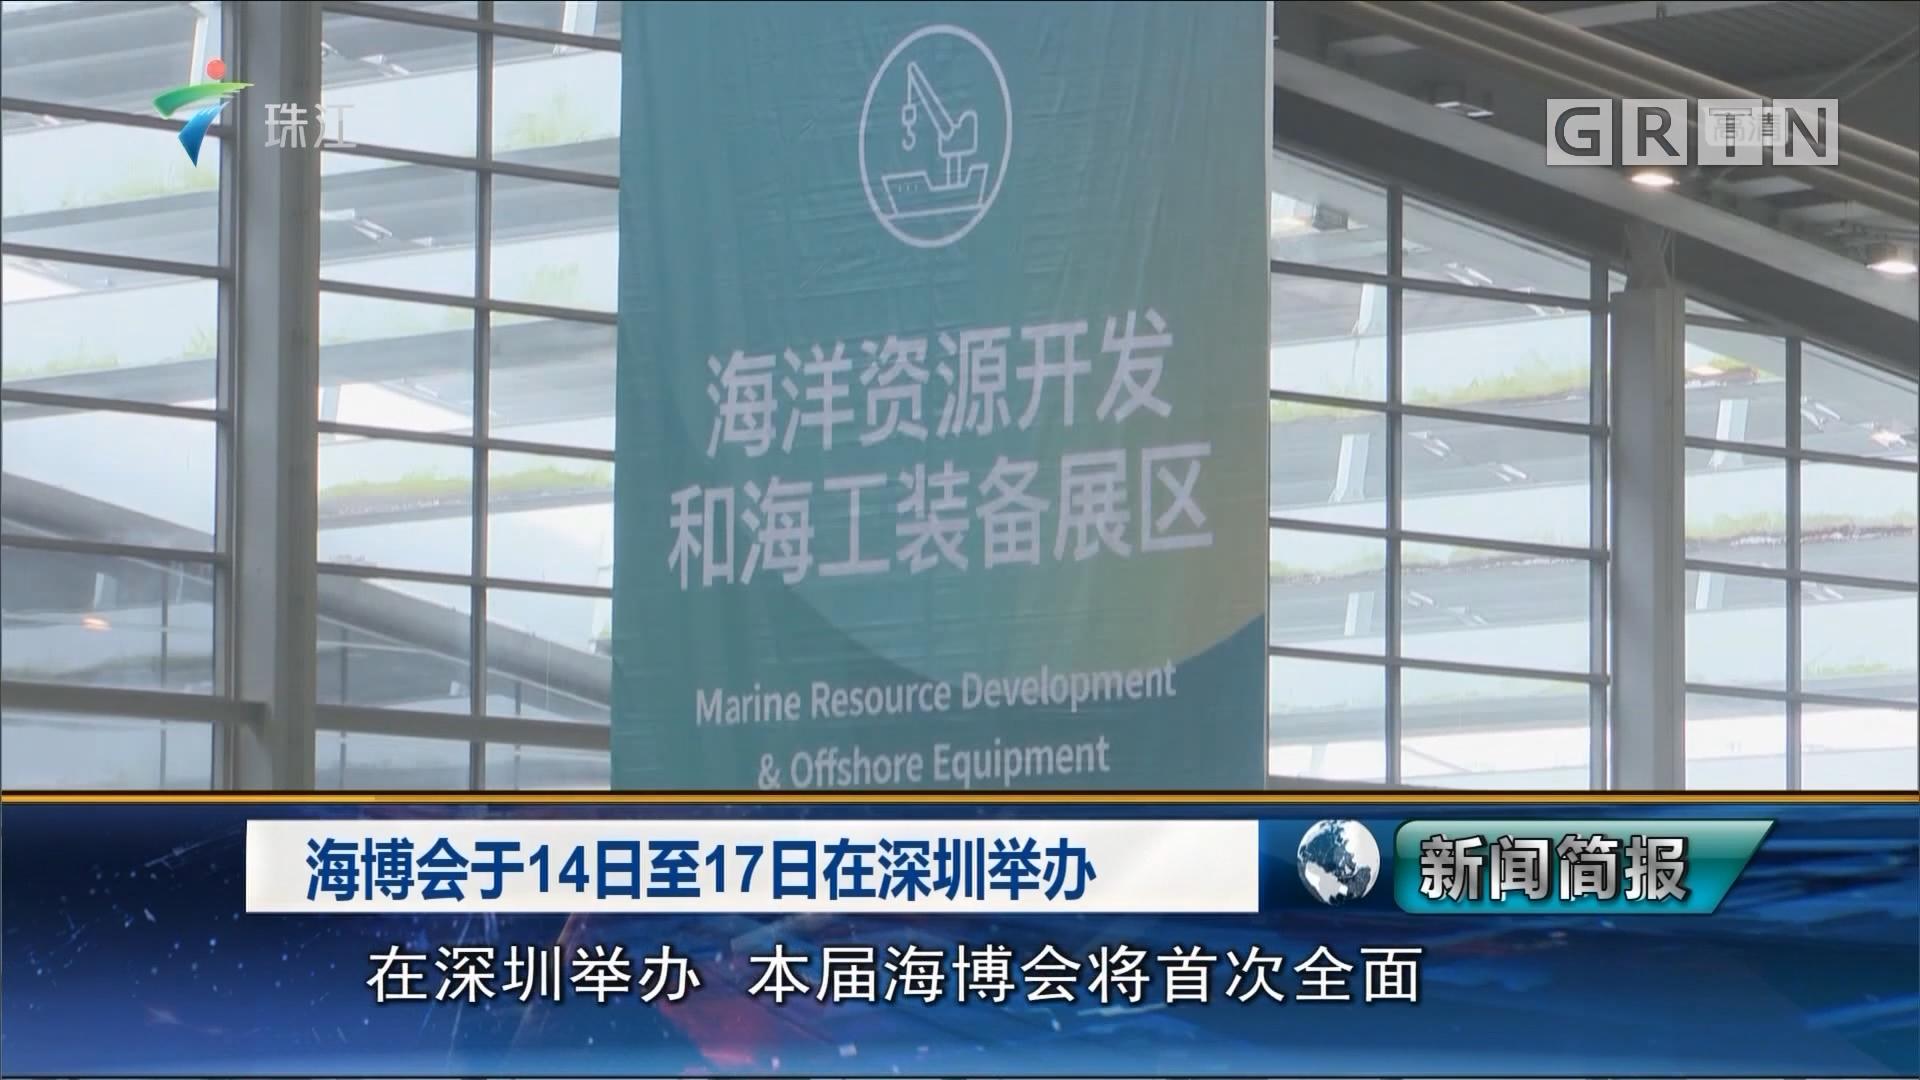 海博会于14日至17日在深圳举办